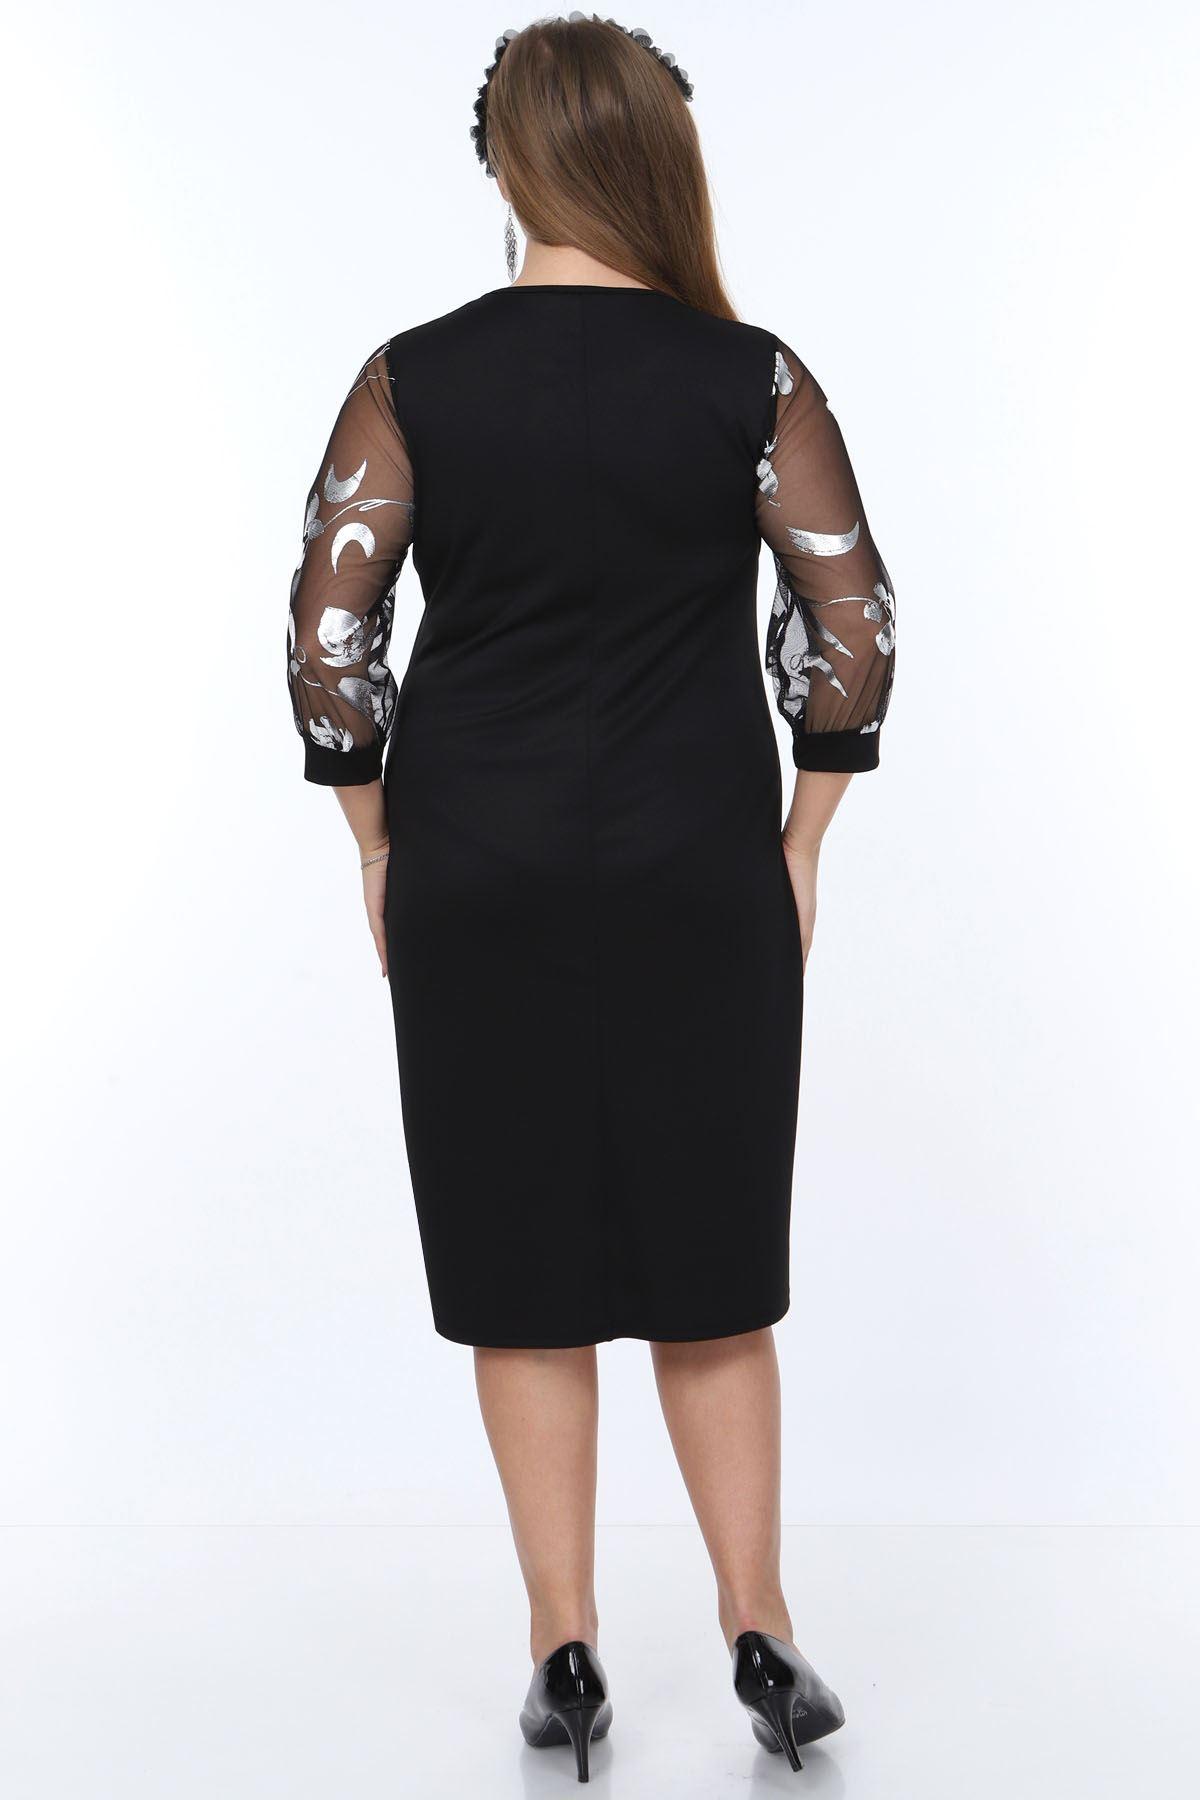 Gümüş Çiçek Kol Büyük Beden Elbise 7D-0899